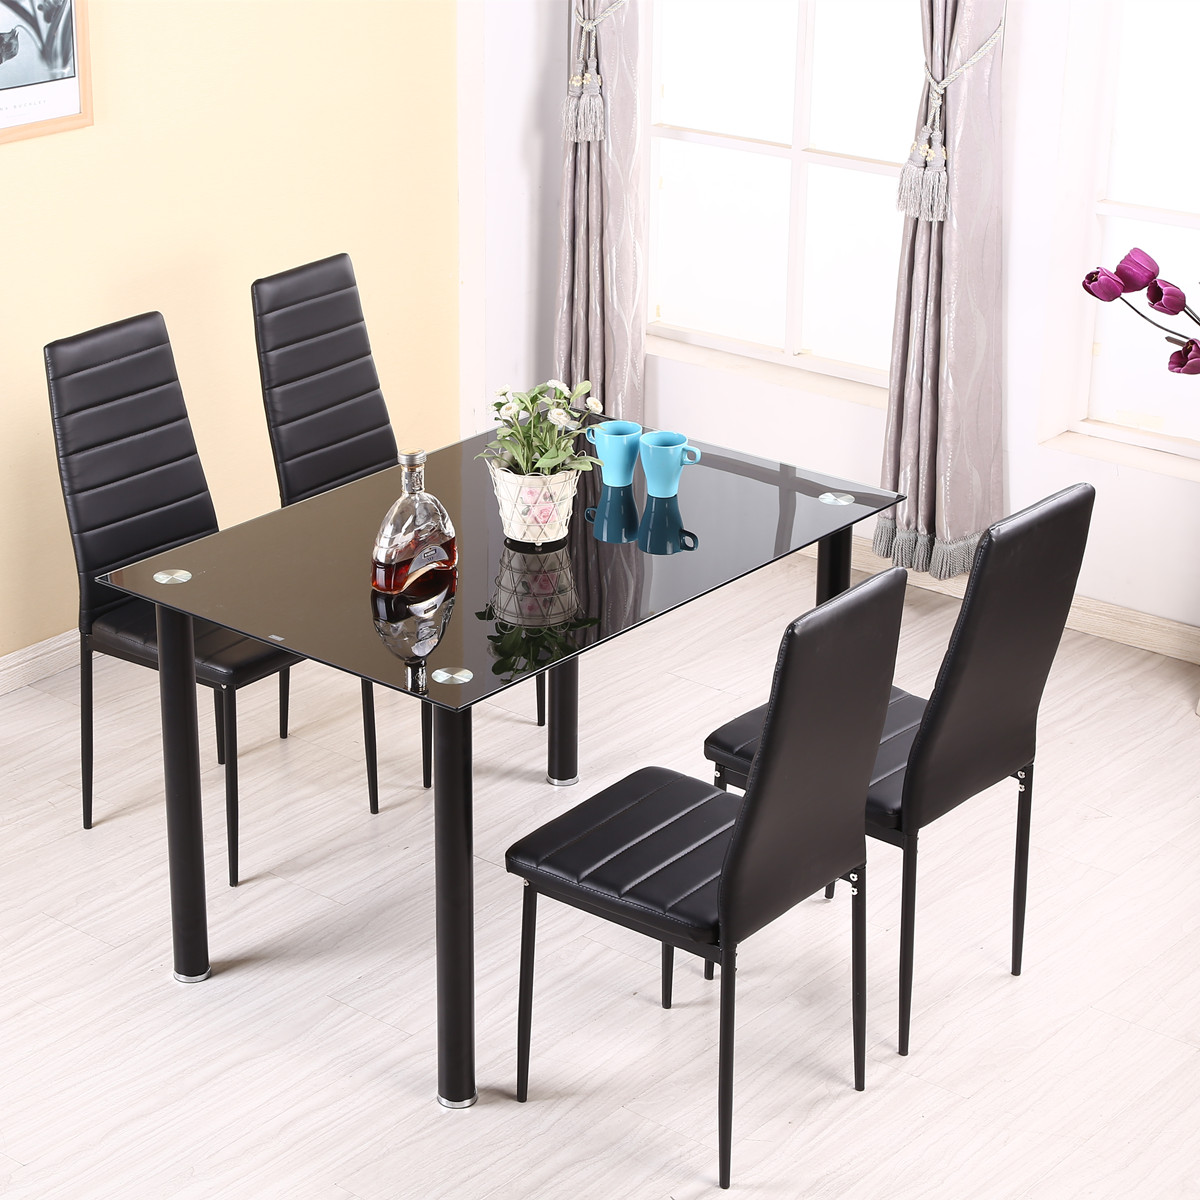 Panana table à manger ensemble avec 4/6 pcs chaises Faux cuir haute jambe en métal rembourré siège cuisine